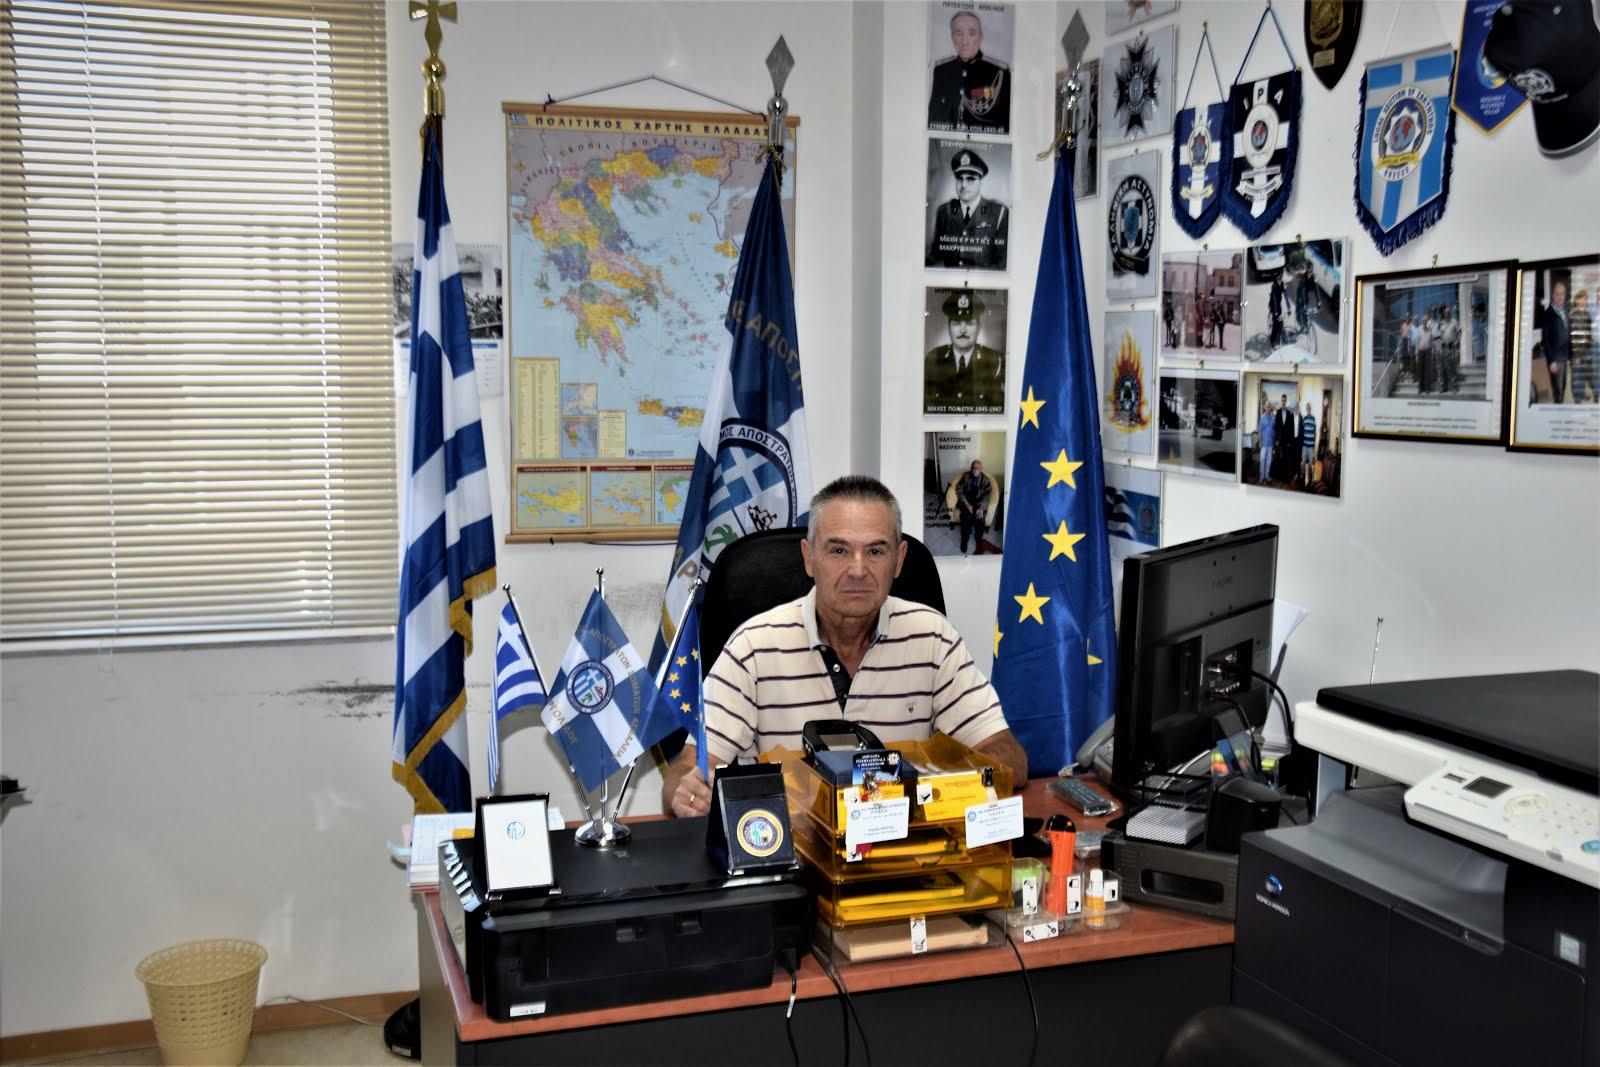 ΠΡΟΕΔΡΟΣ ΤΟΥ ΣΥΝΔΕΣΜΟΥ Αποστράτων Σωμάτων Ασφαλείας Ν. Αργολίδας